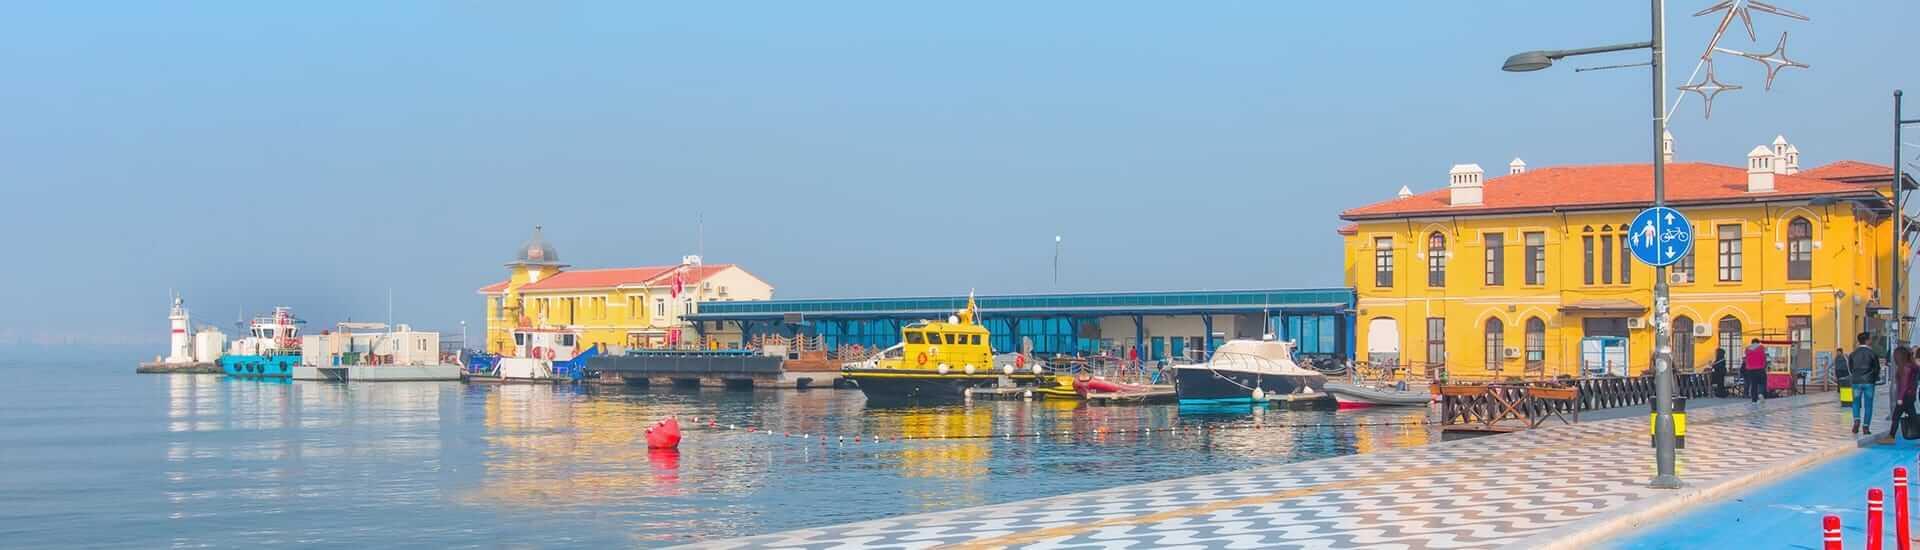 Kemalpaşa (İzmir)